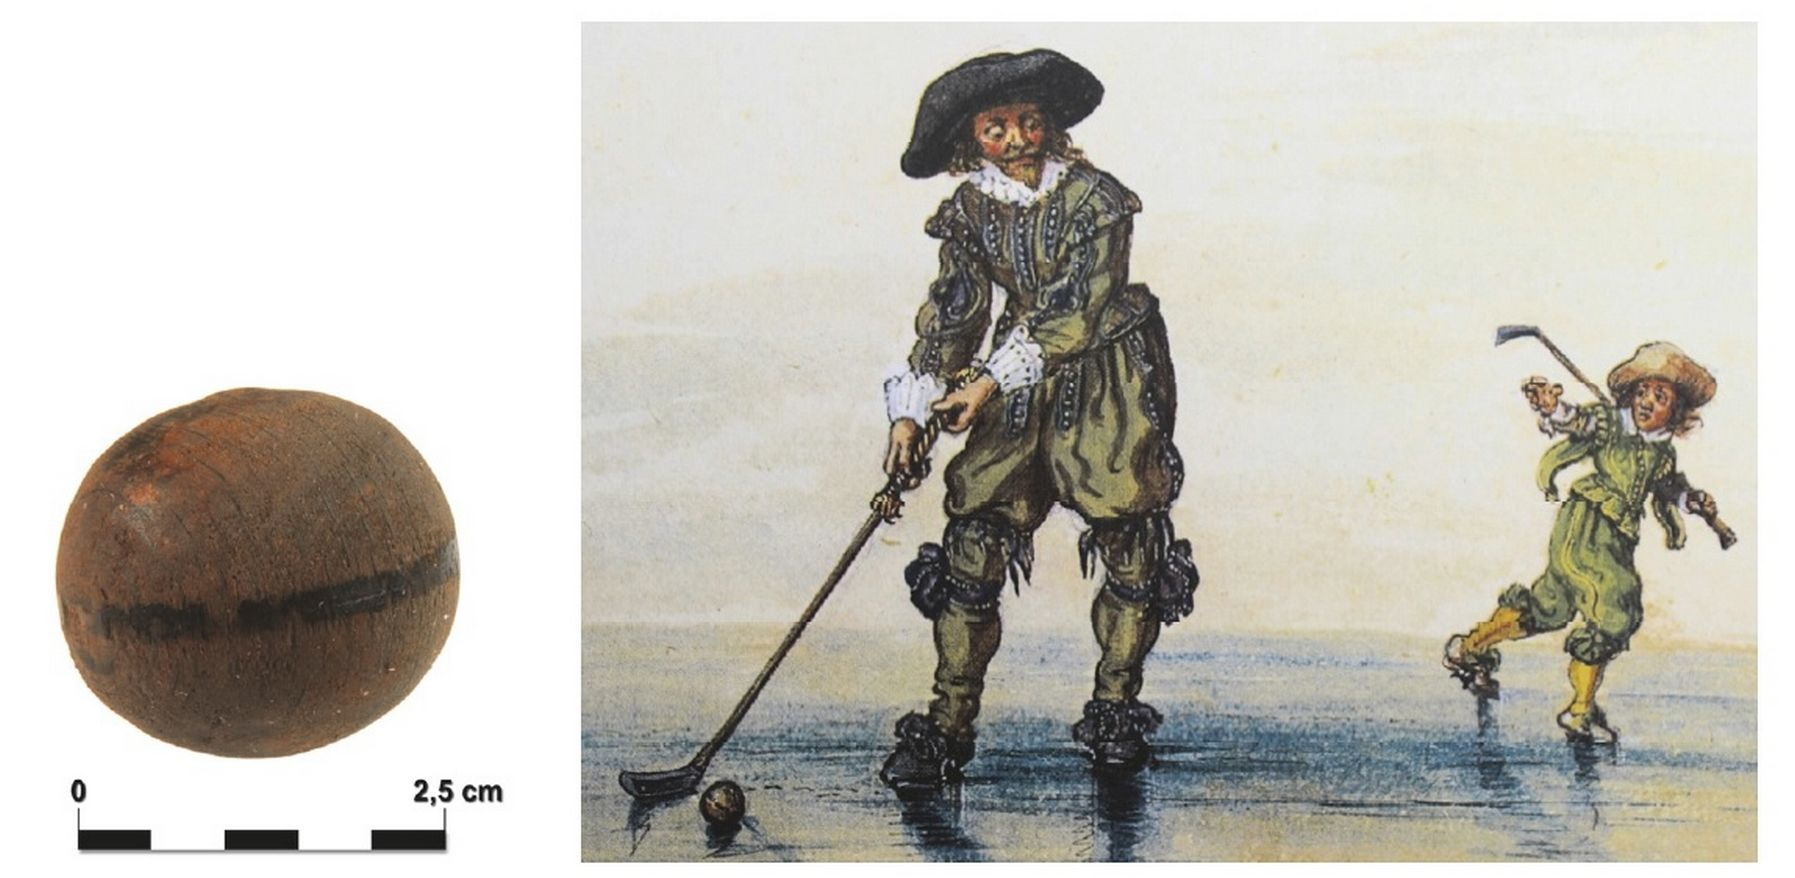 Houten kolfbal en een prent van het kolfspel door Adriaen van de Venne, 1626 (afbeelding Archeodienst)